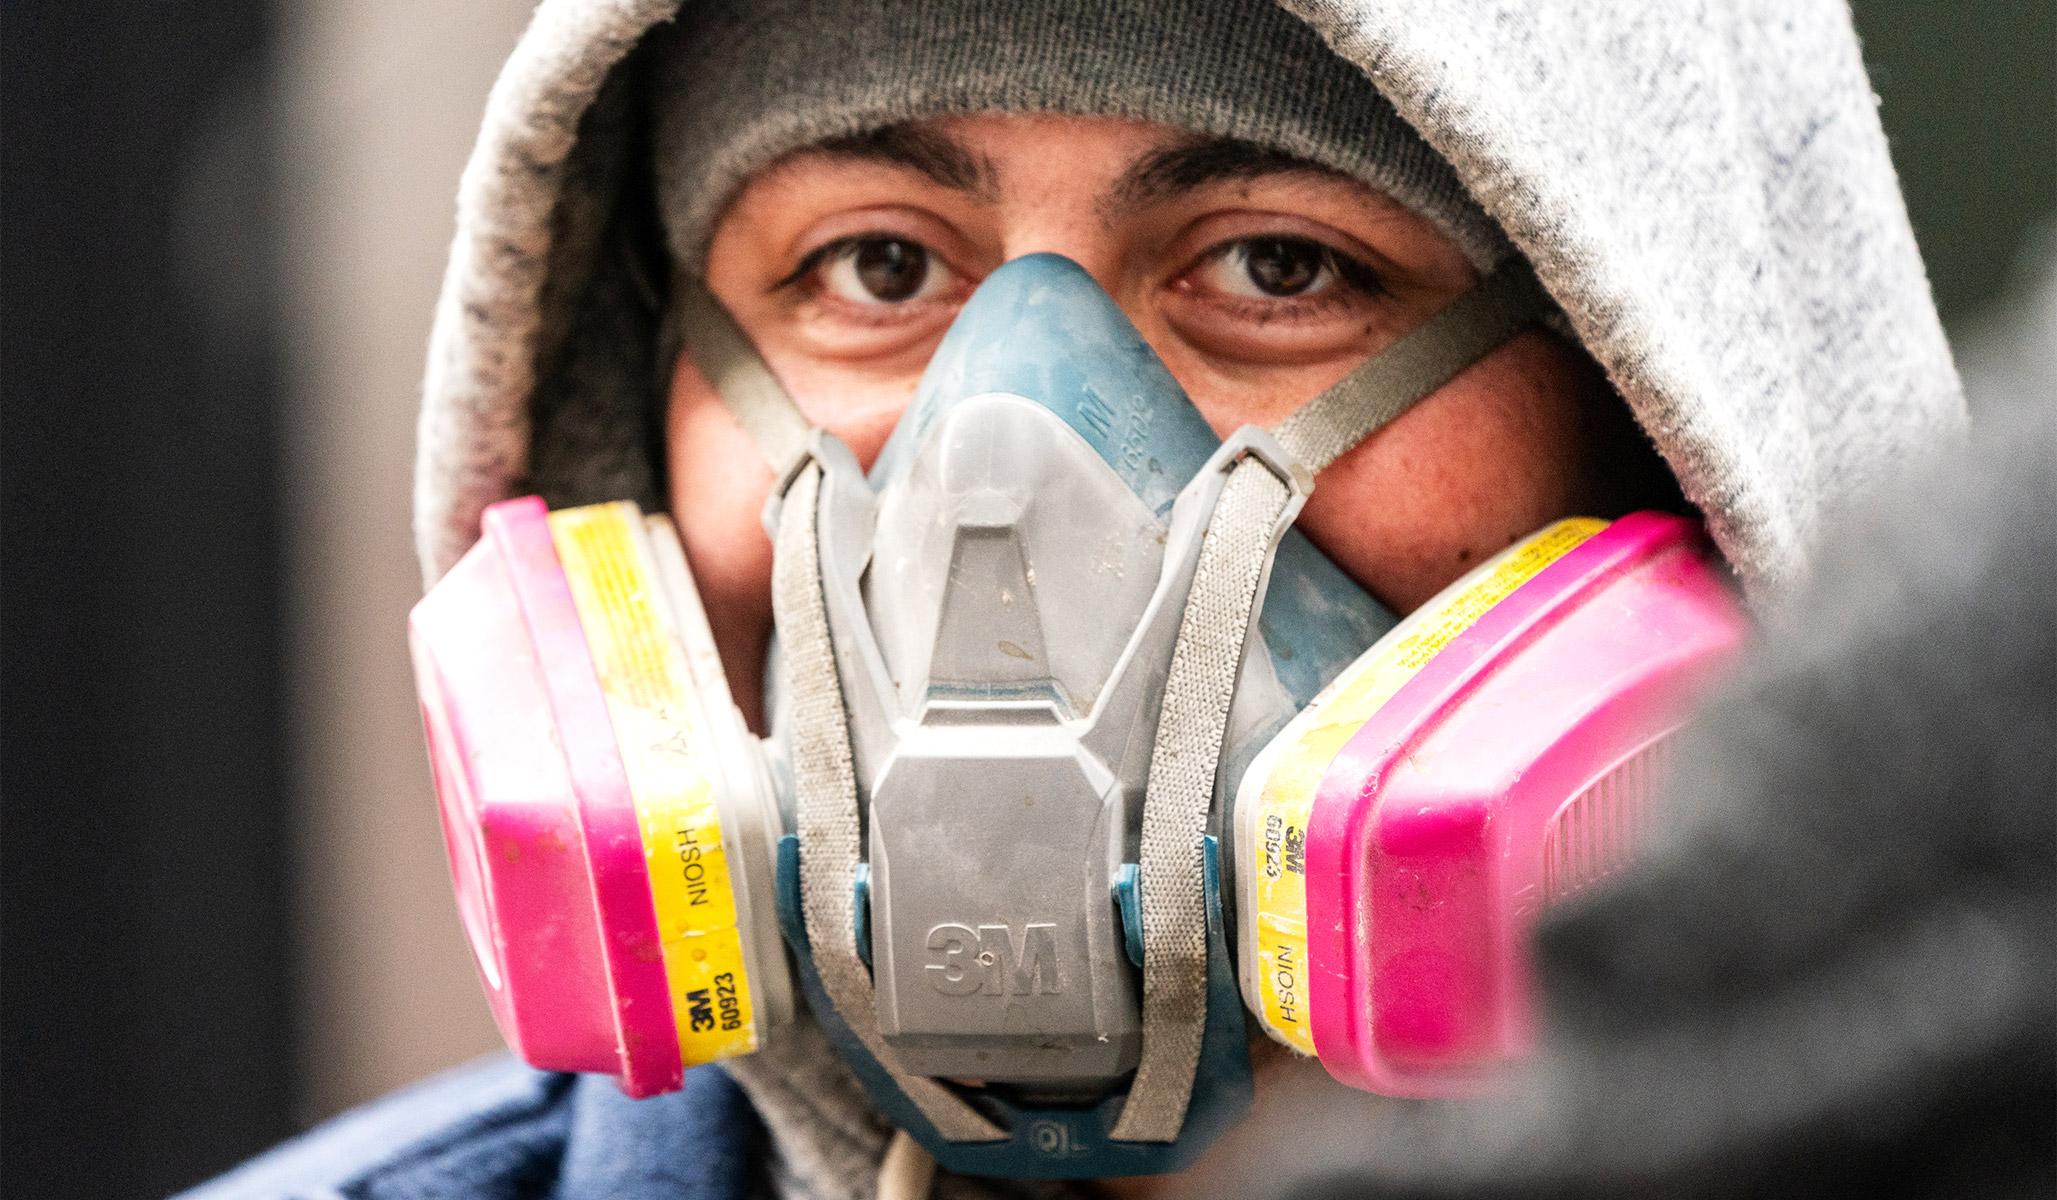 3m masque coronavirus